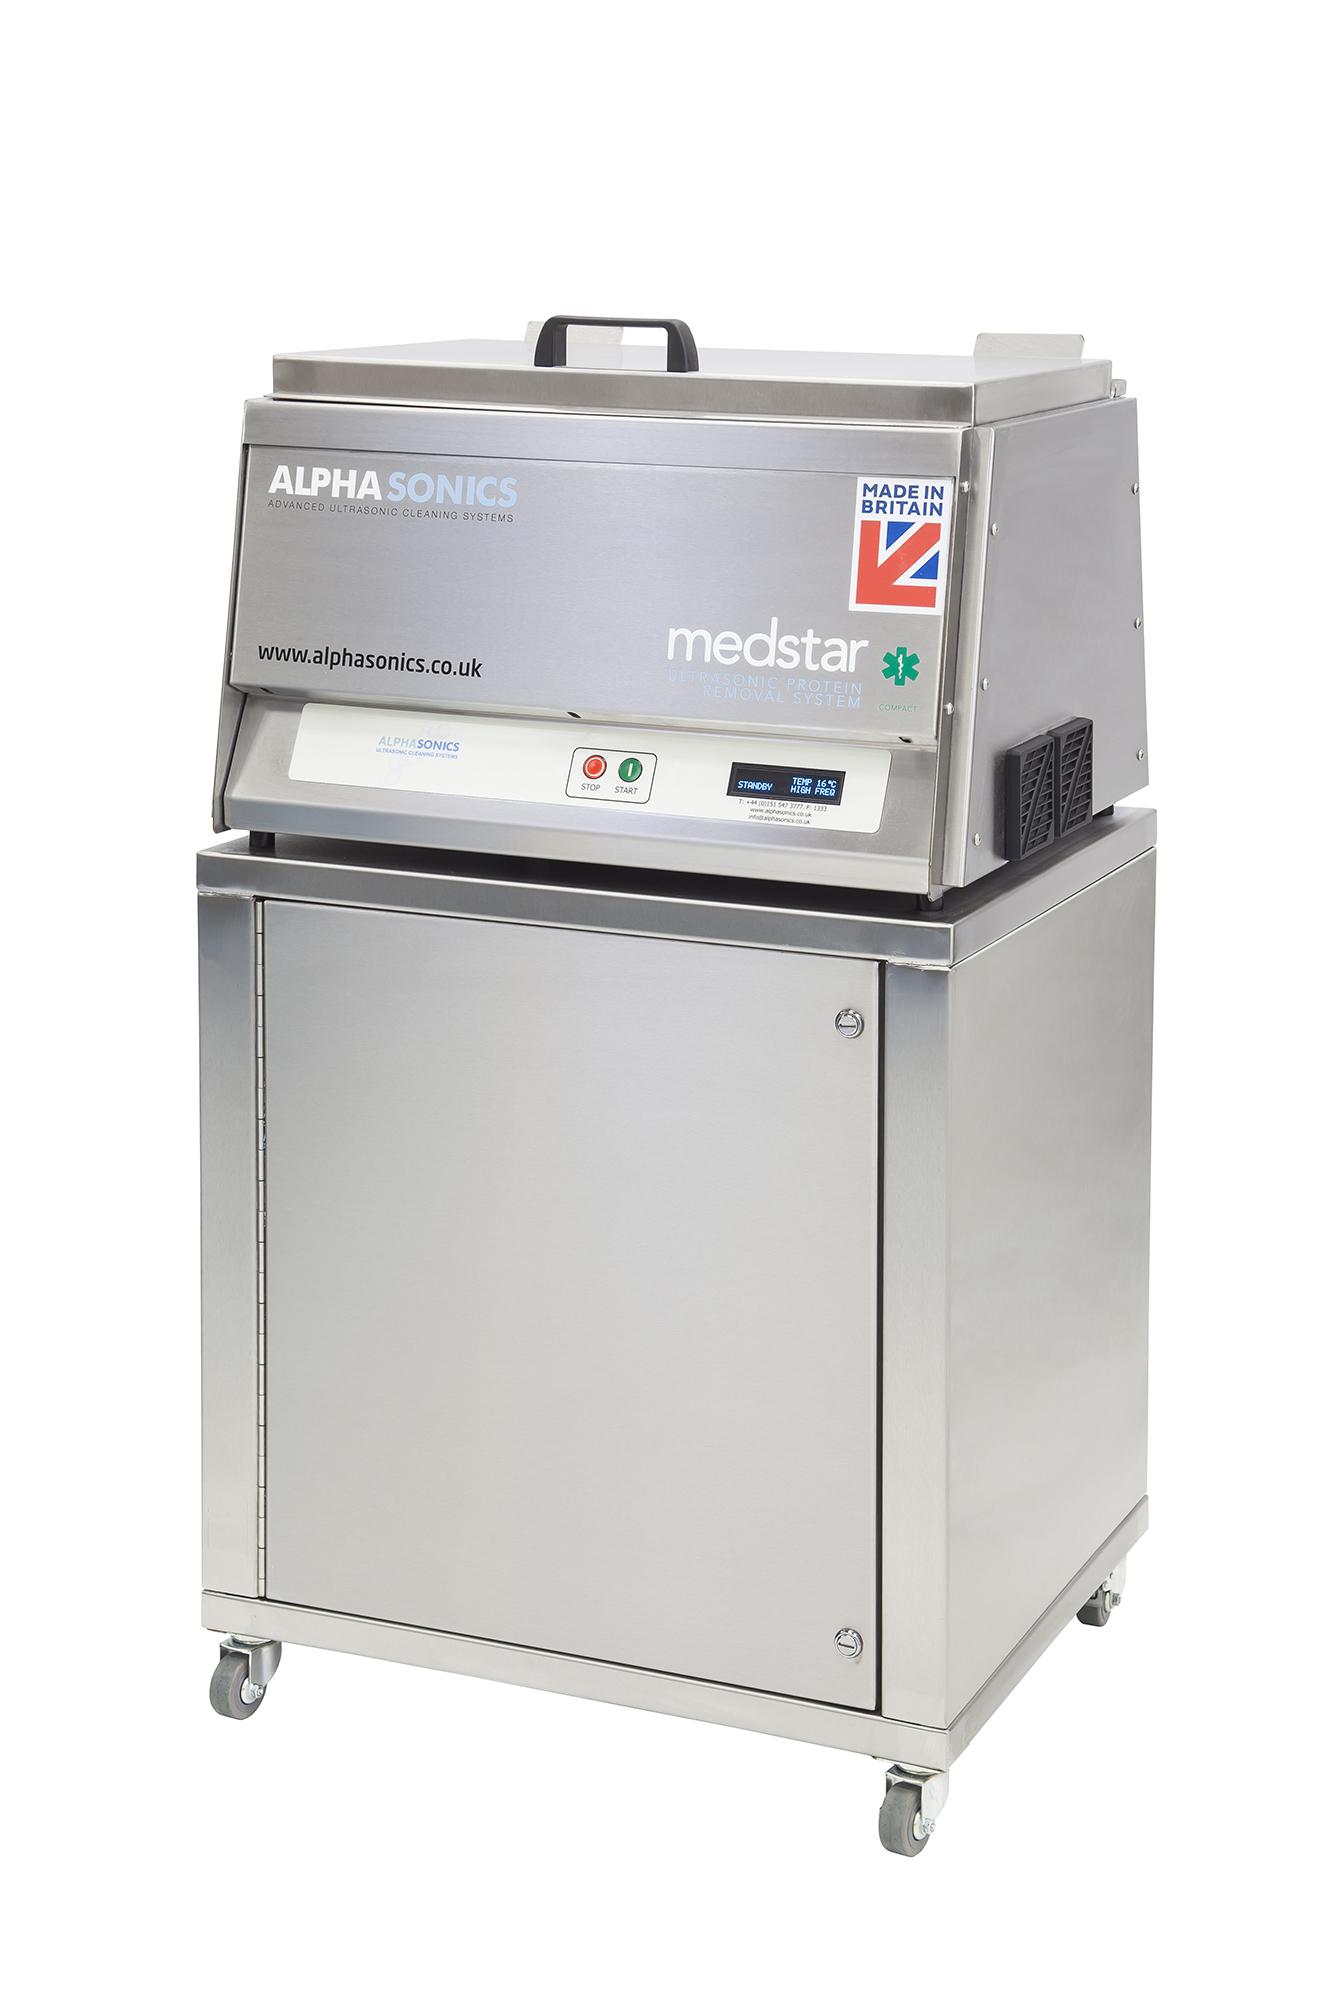 Alphasonics Medstar Compact (03)